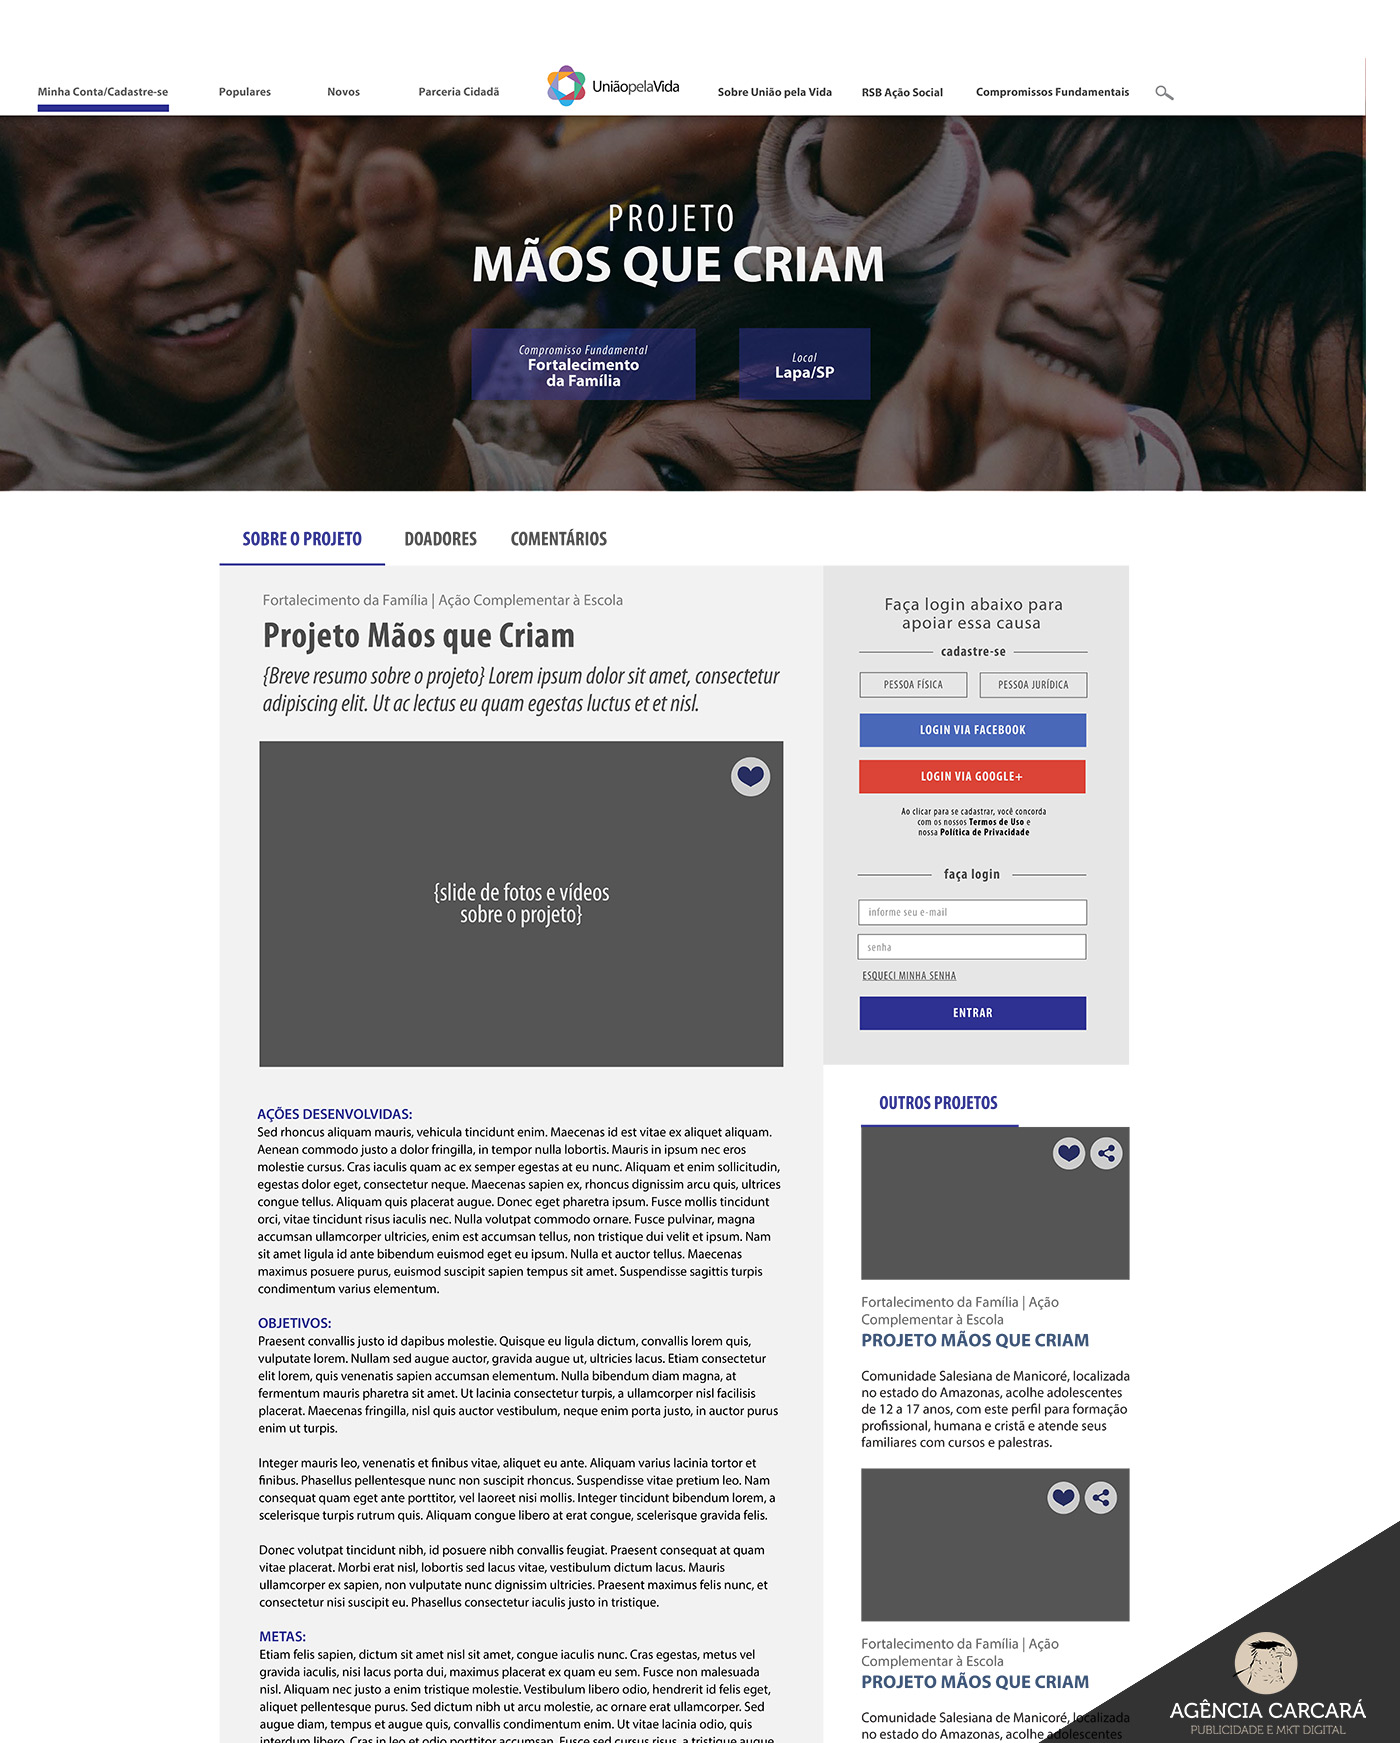 Criação dos wireframes, telas e fluxo de funcionamento do Portal do aplicativo móvel União Pela Vida para financiamento coletivo da Rede Salesiana Brasil.